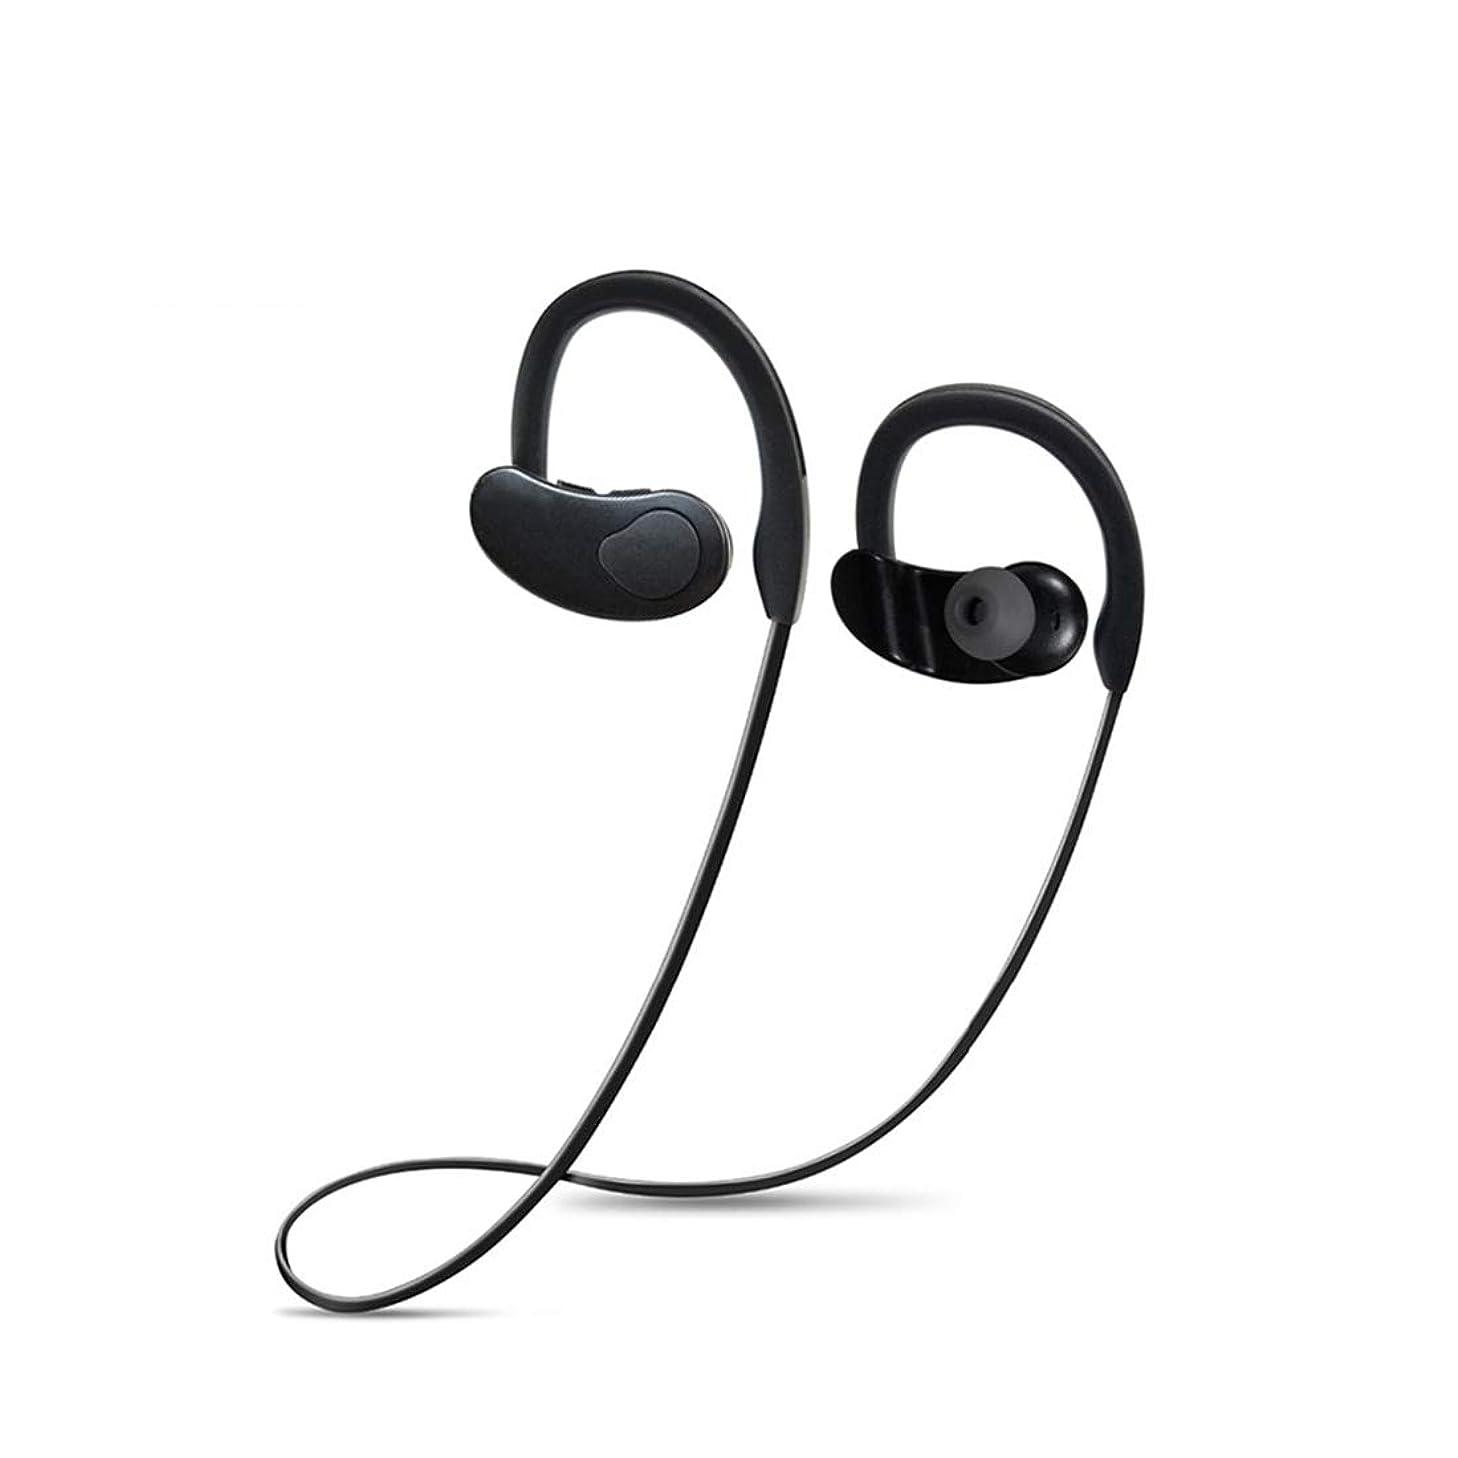 Bluetoothヘッドフォンワイヤレススポーツイヤーフックヘッドフォンネックヘッドセットハンギングヘッドフォン,黒